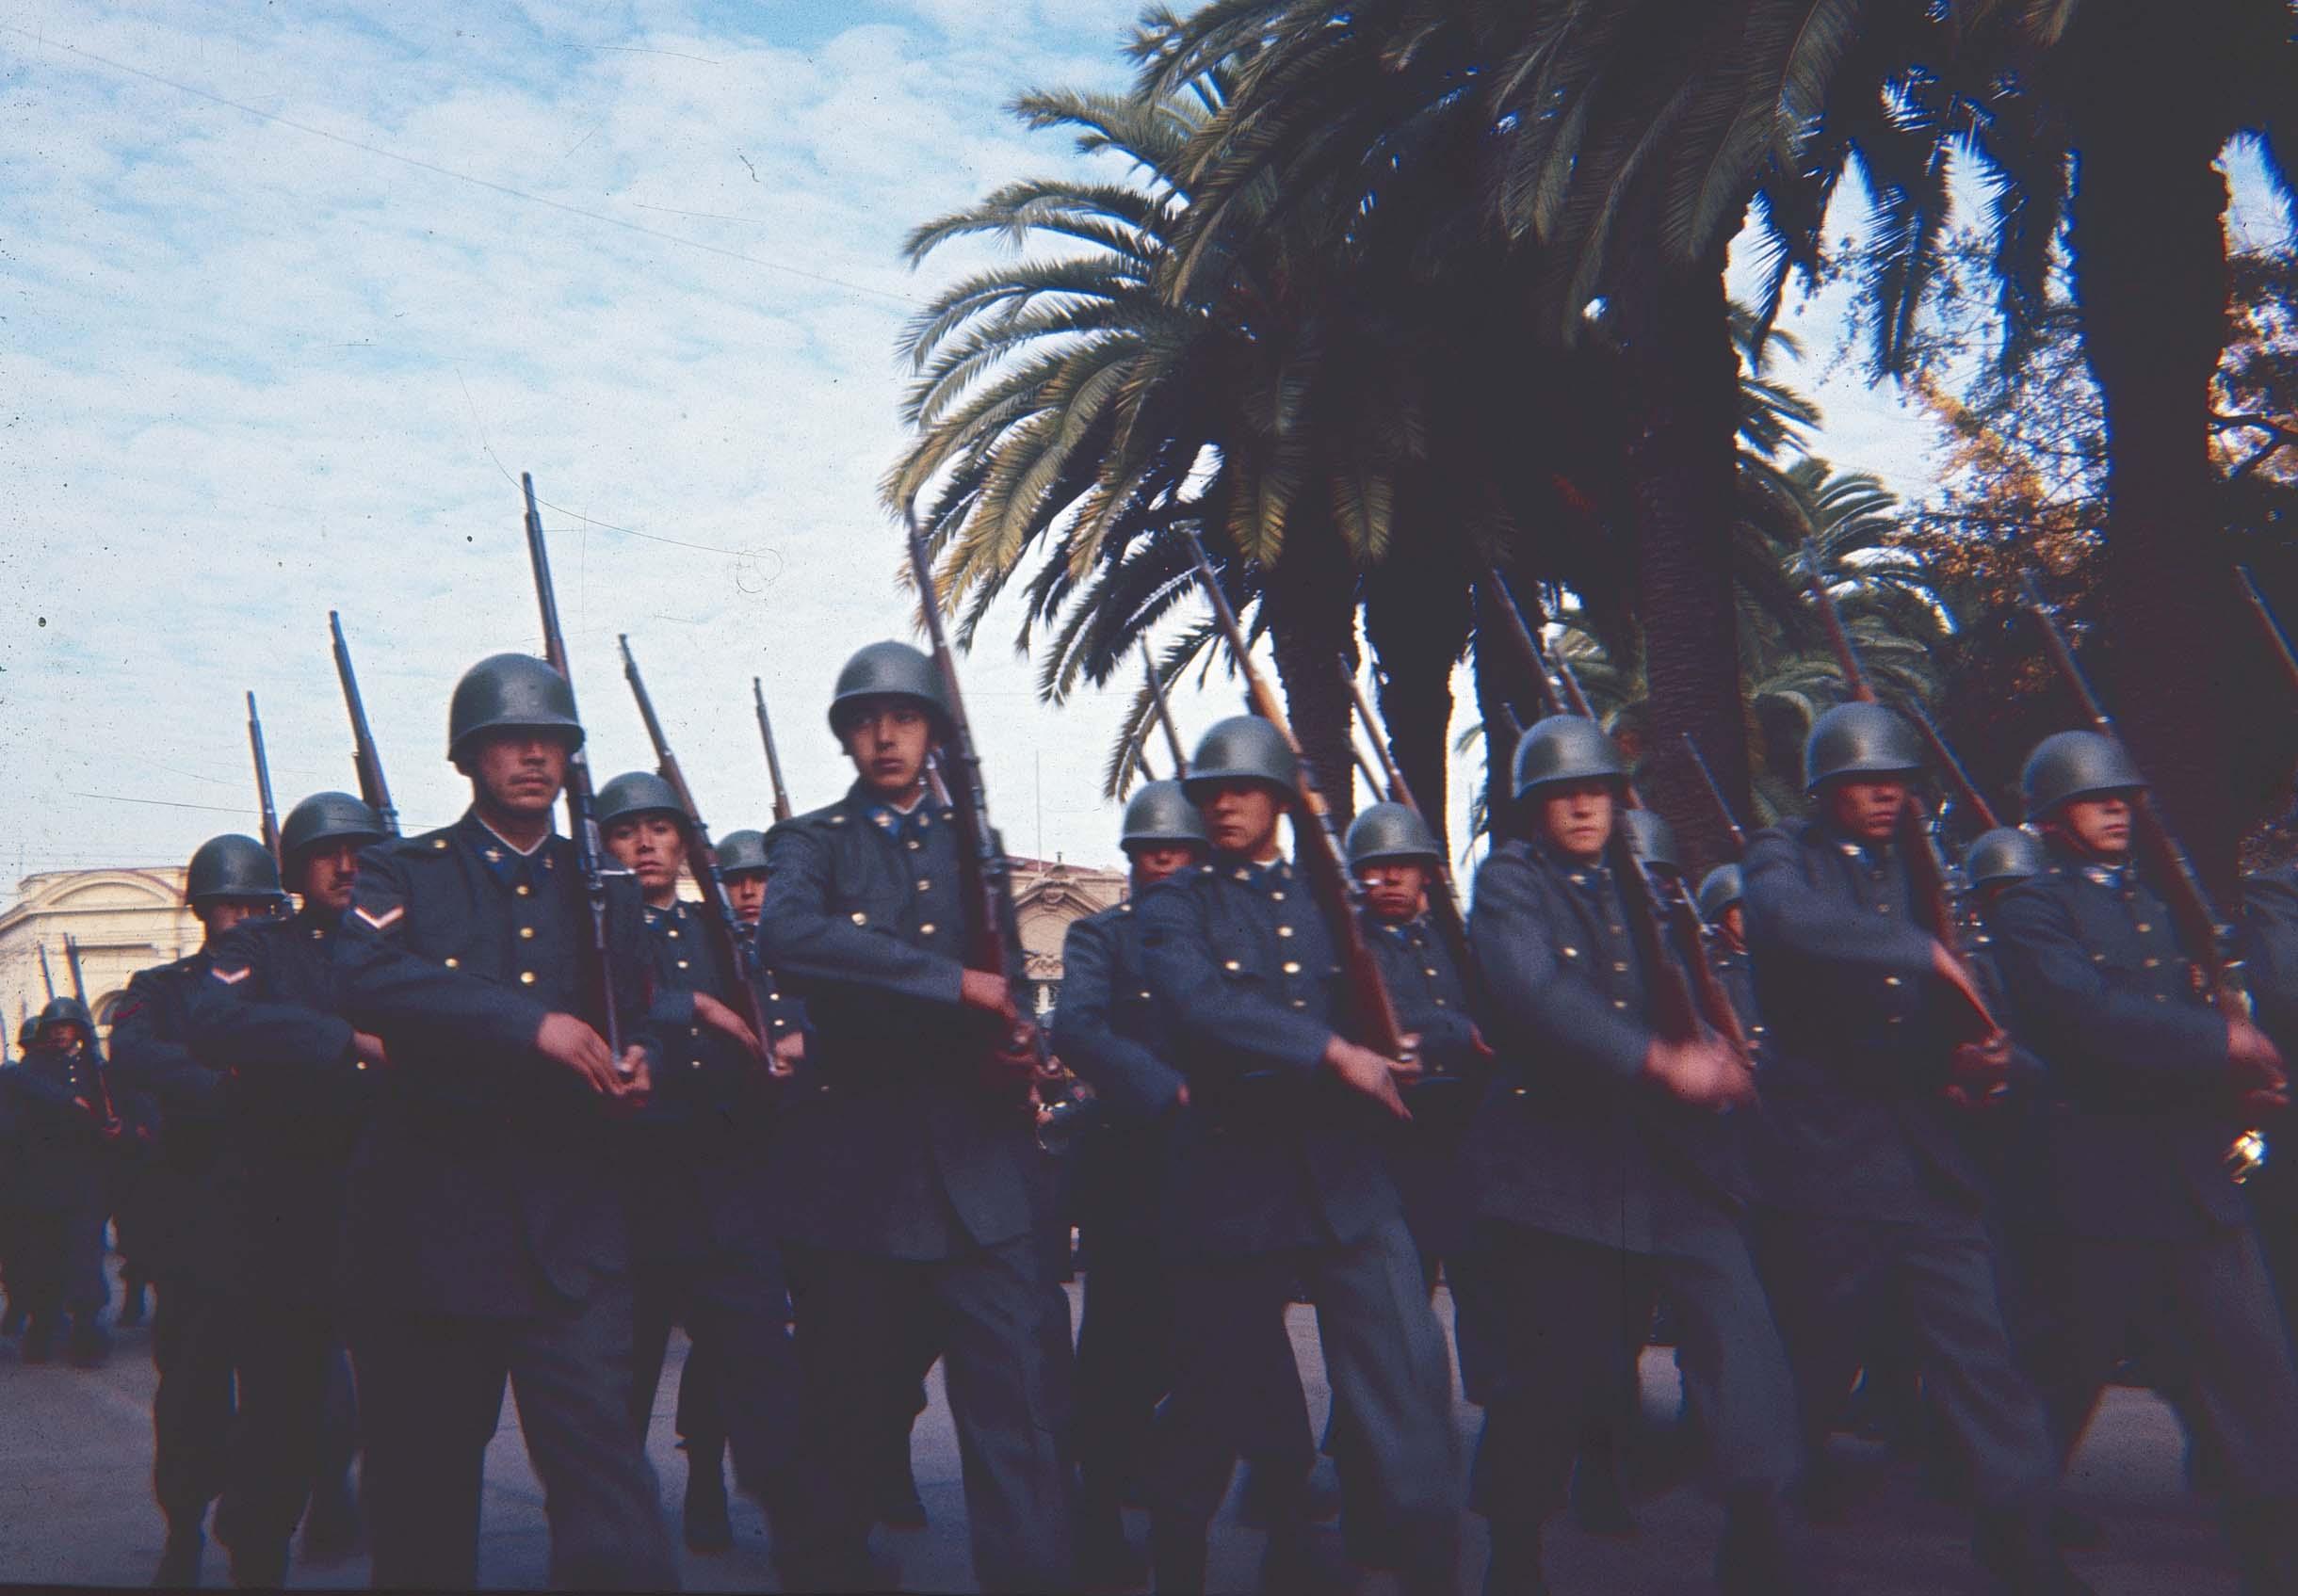 Enterreno - Fotos históricas de chile - fotos antiguas de Chile - Desfile en Curicó en los 60